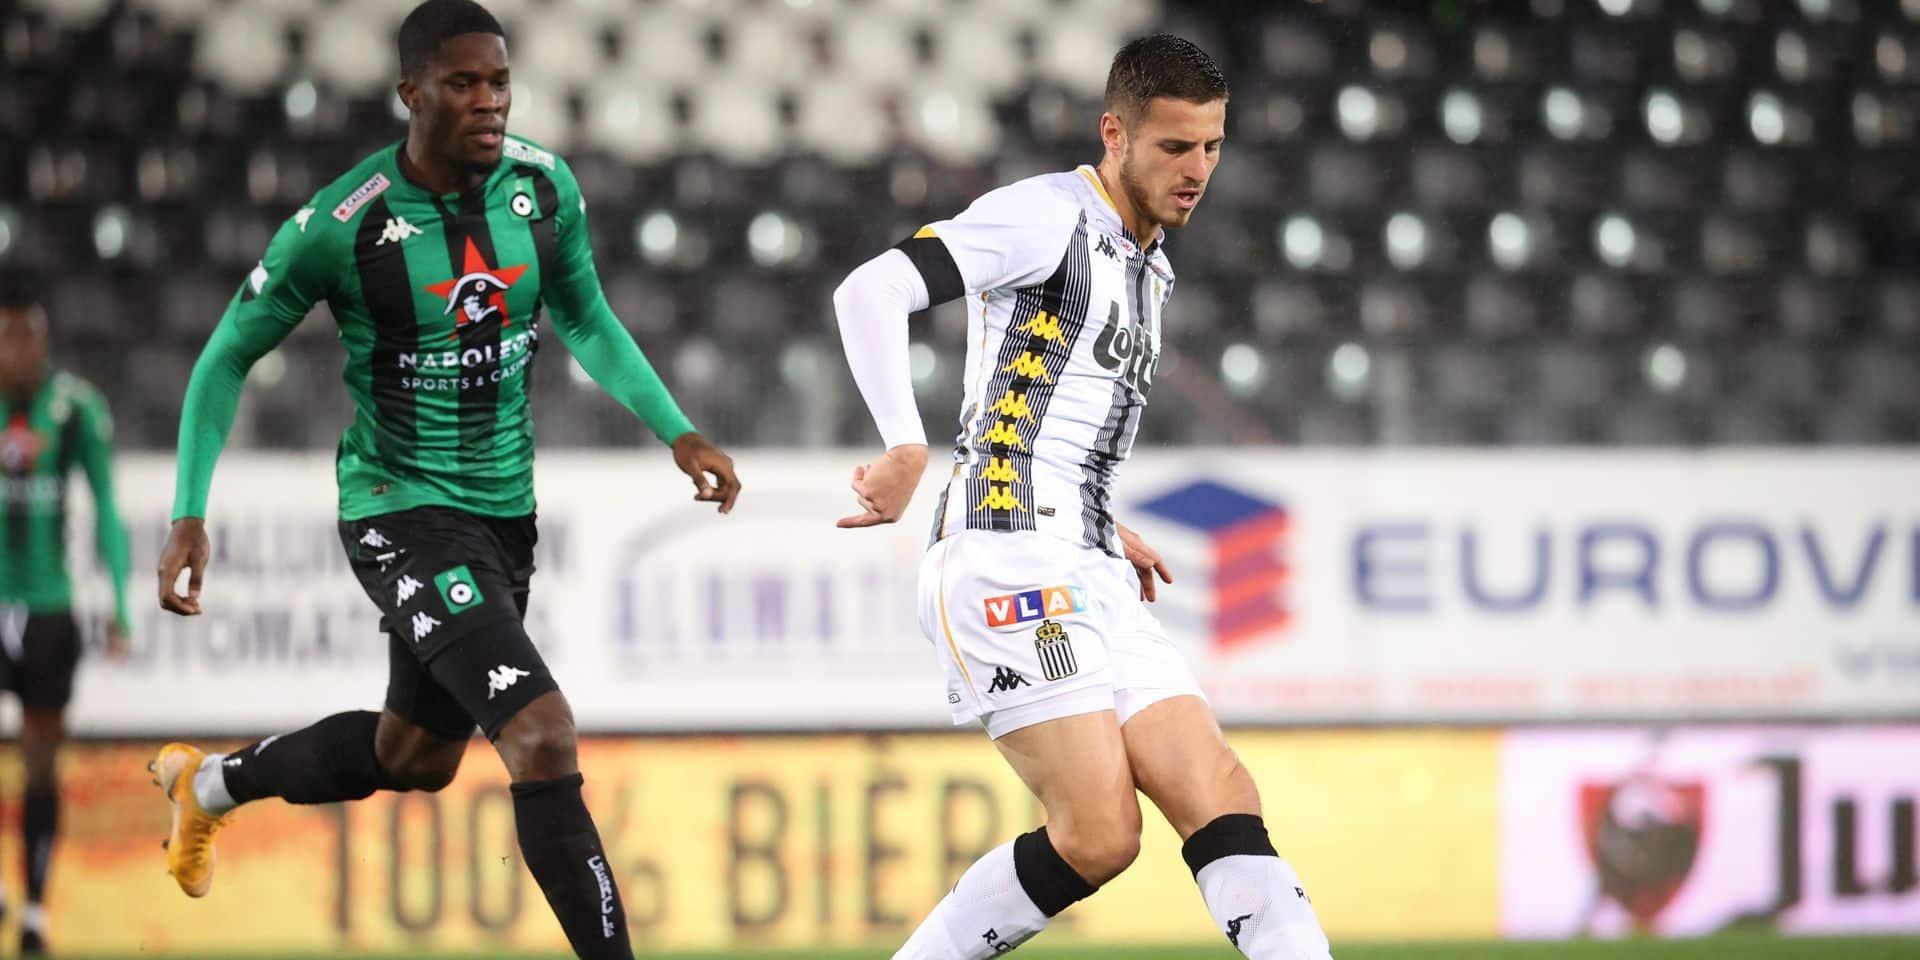 """Marco Casto, l'ancien défenseur de Charleroi, juge ses anciennes couleurs: """"La défense carolo porte toute l'équipe"""""""